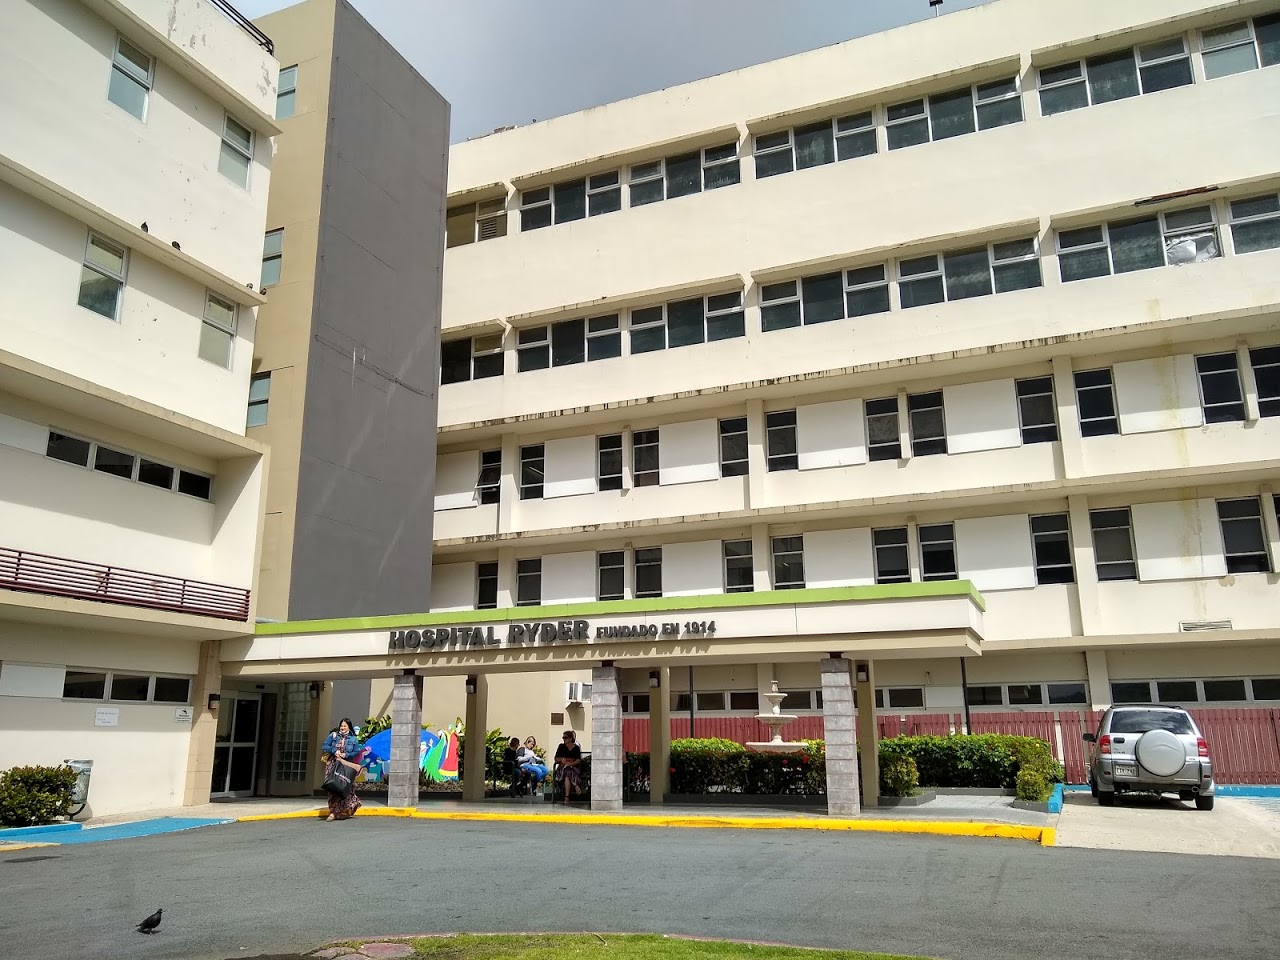 Ryder Hospital